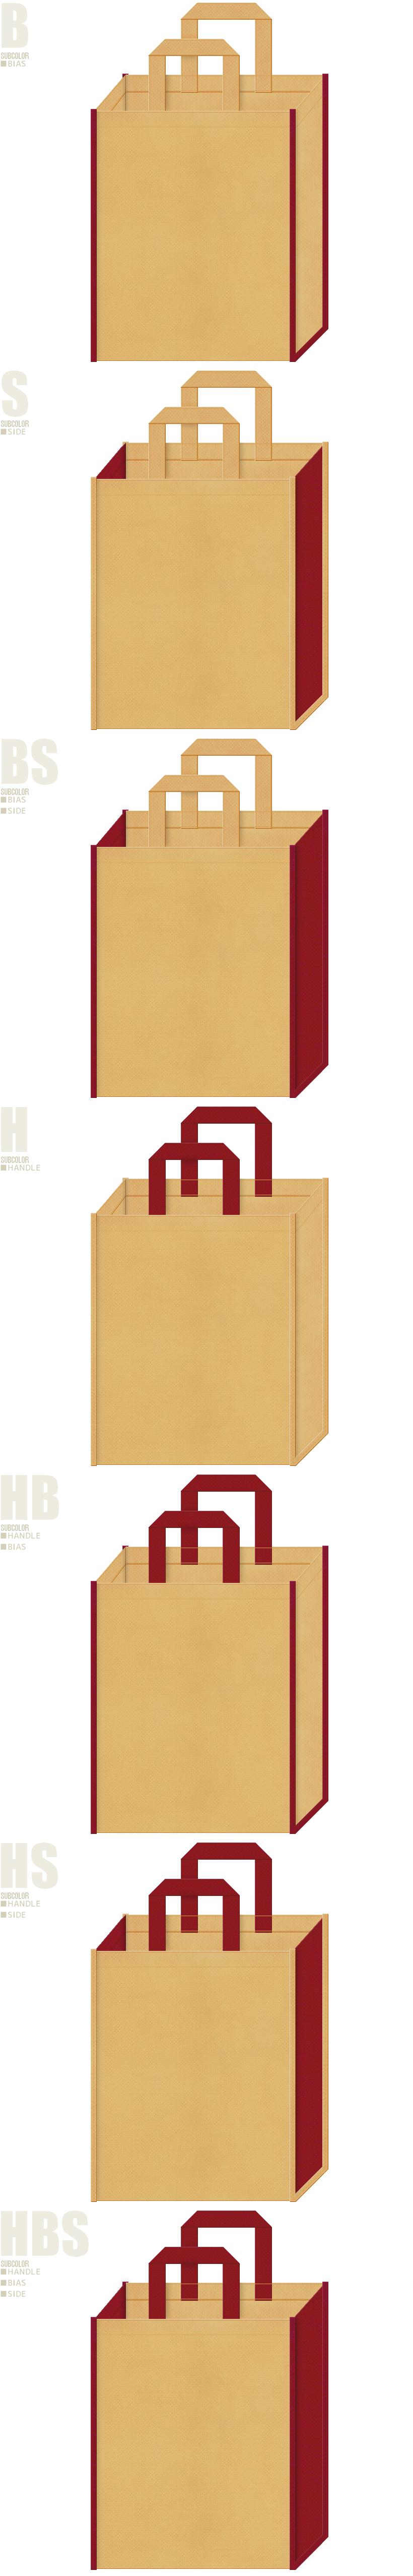 薄黄土色とエンジ色、7パターンの不織布トートバッグ配色デザイン例。寄席・演芸場のバッグノベルティにお奨めです。